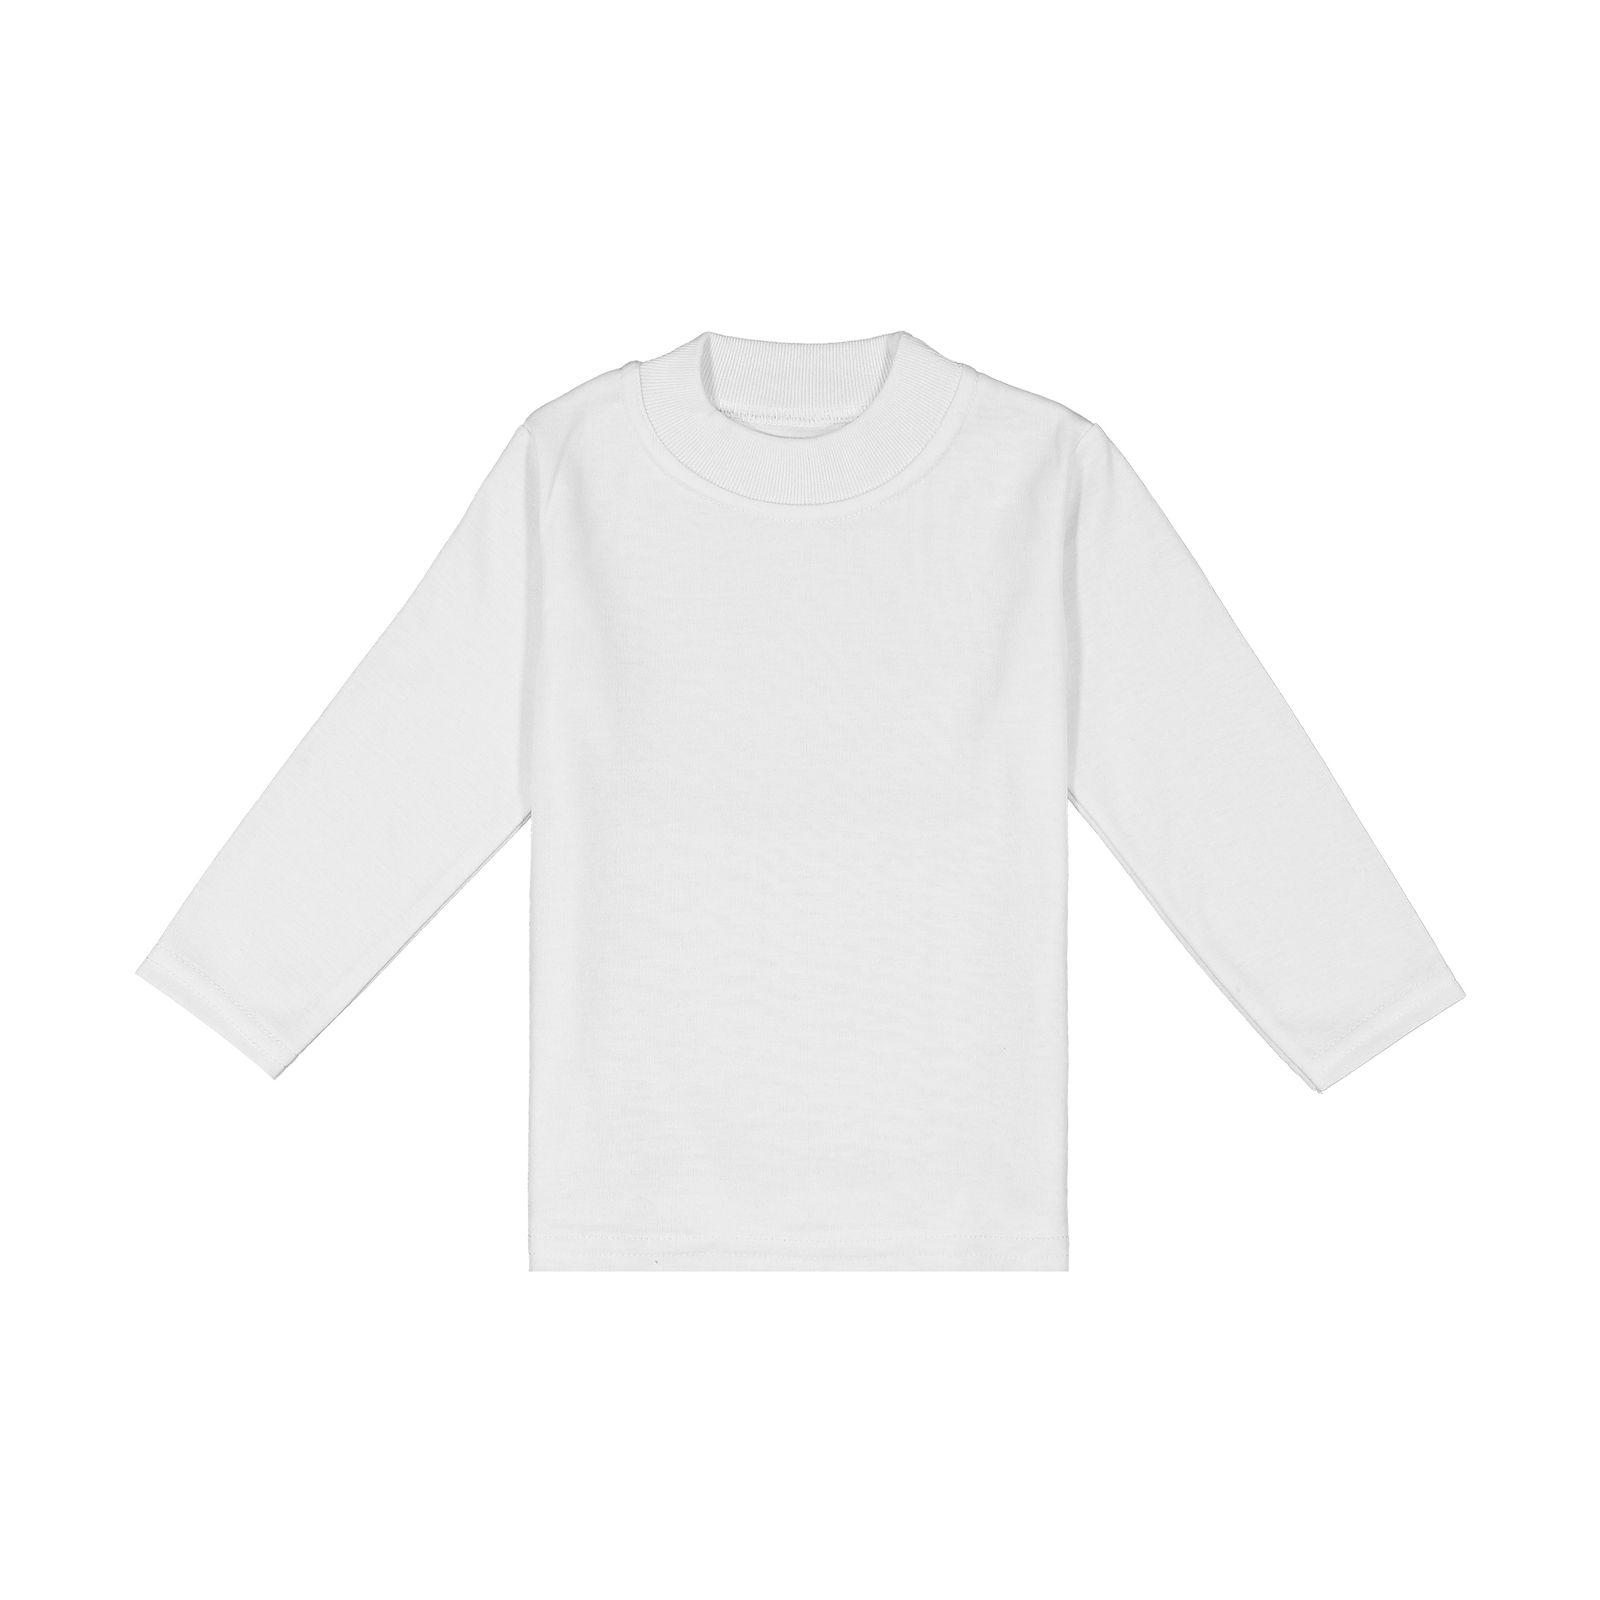 تی شرت دخترانه سیدونا مدل KSI2024-002 -  - 1